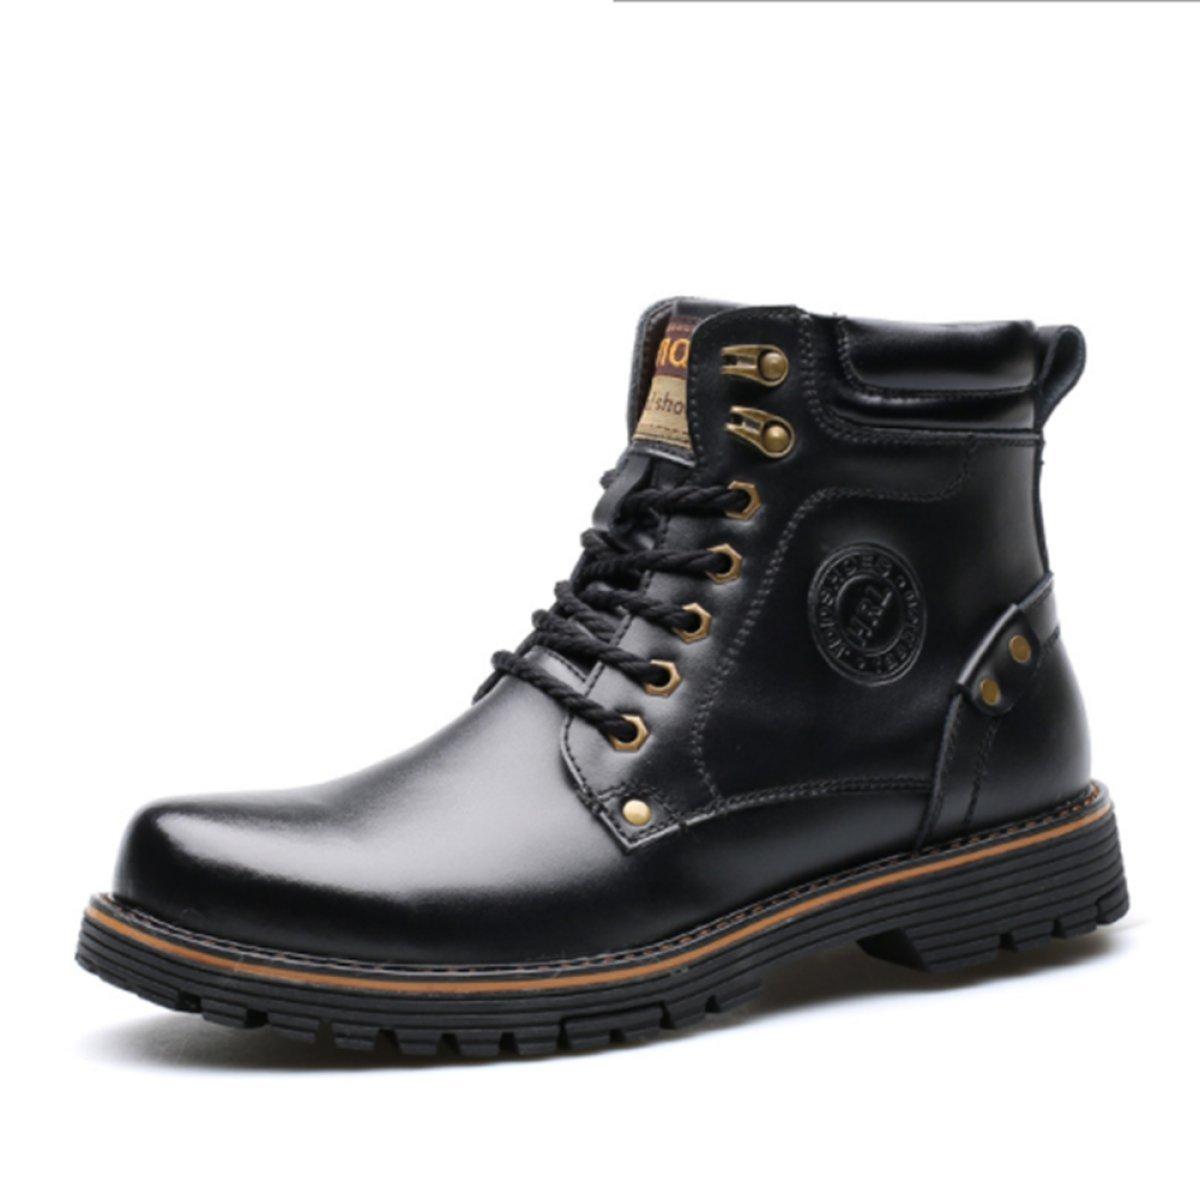 624087bedeb Zapatos De Hombre Martin Botas Botas Botas Militar Táctico Botas De Lobo  Antideslizante Confort De Cuero